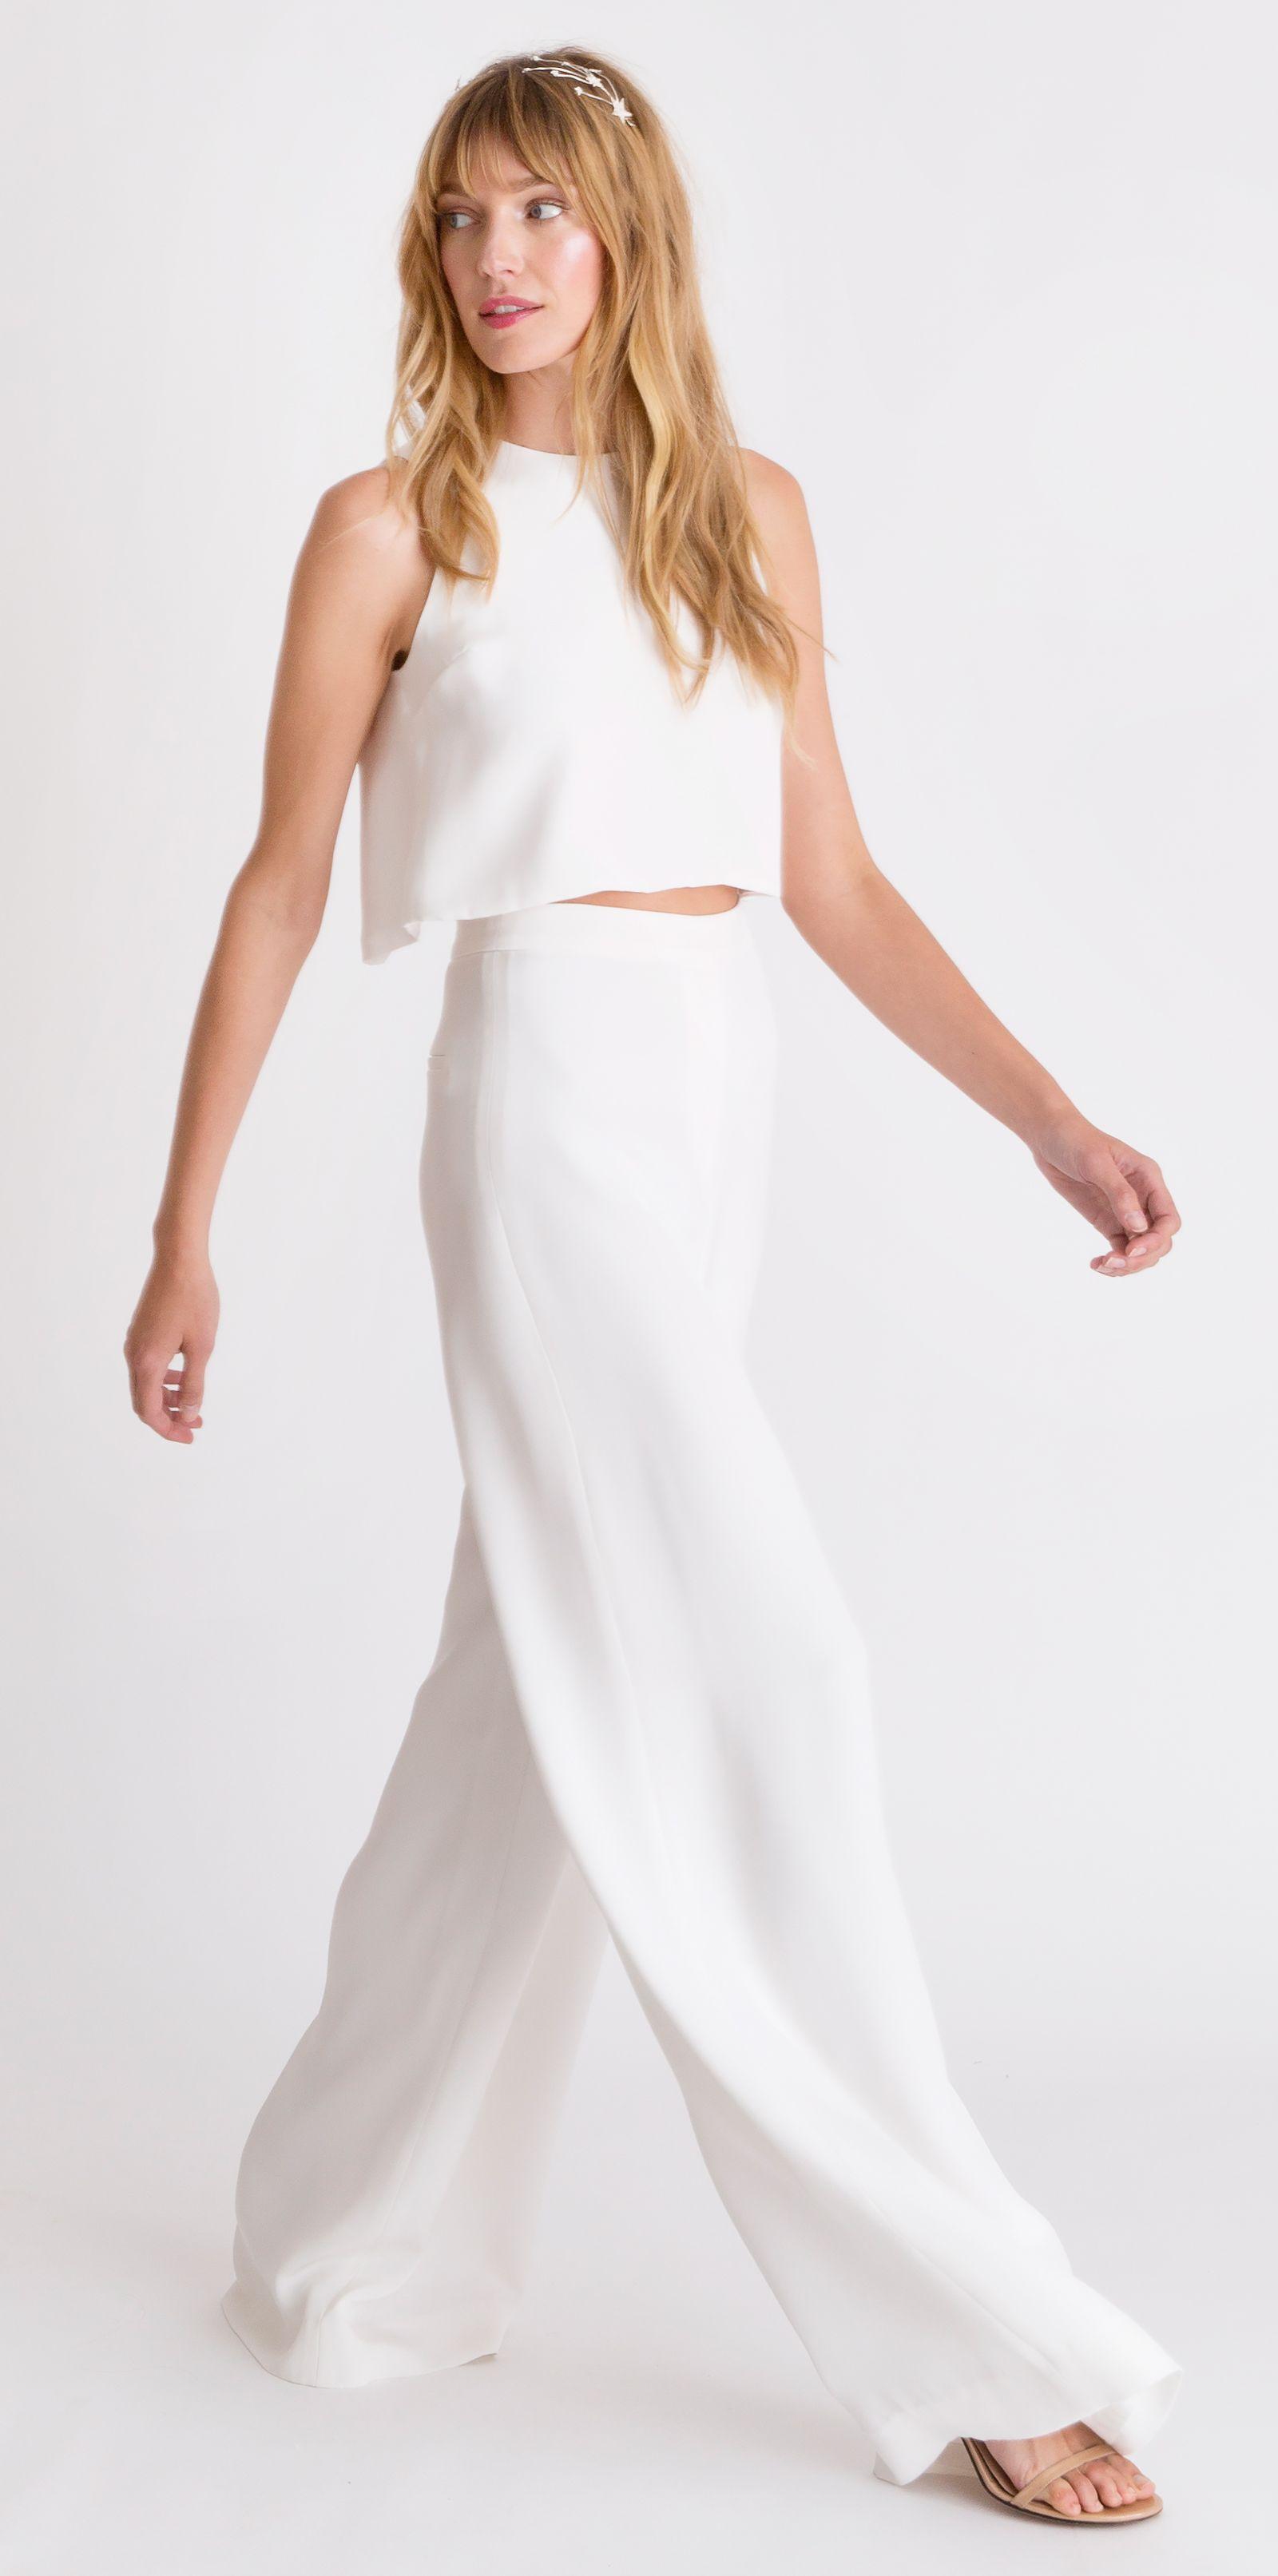 Wedding dress trends from spring bridal fashion week bridal